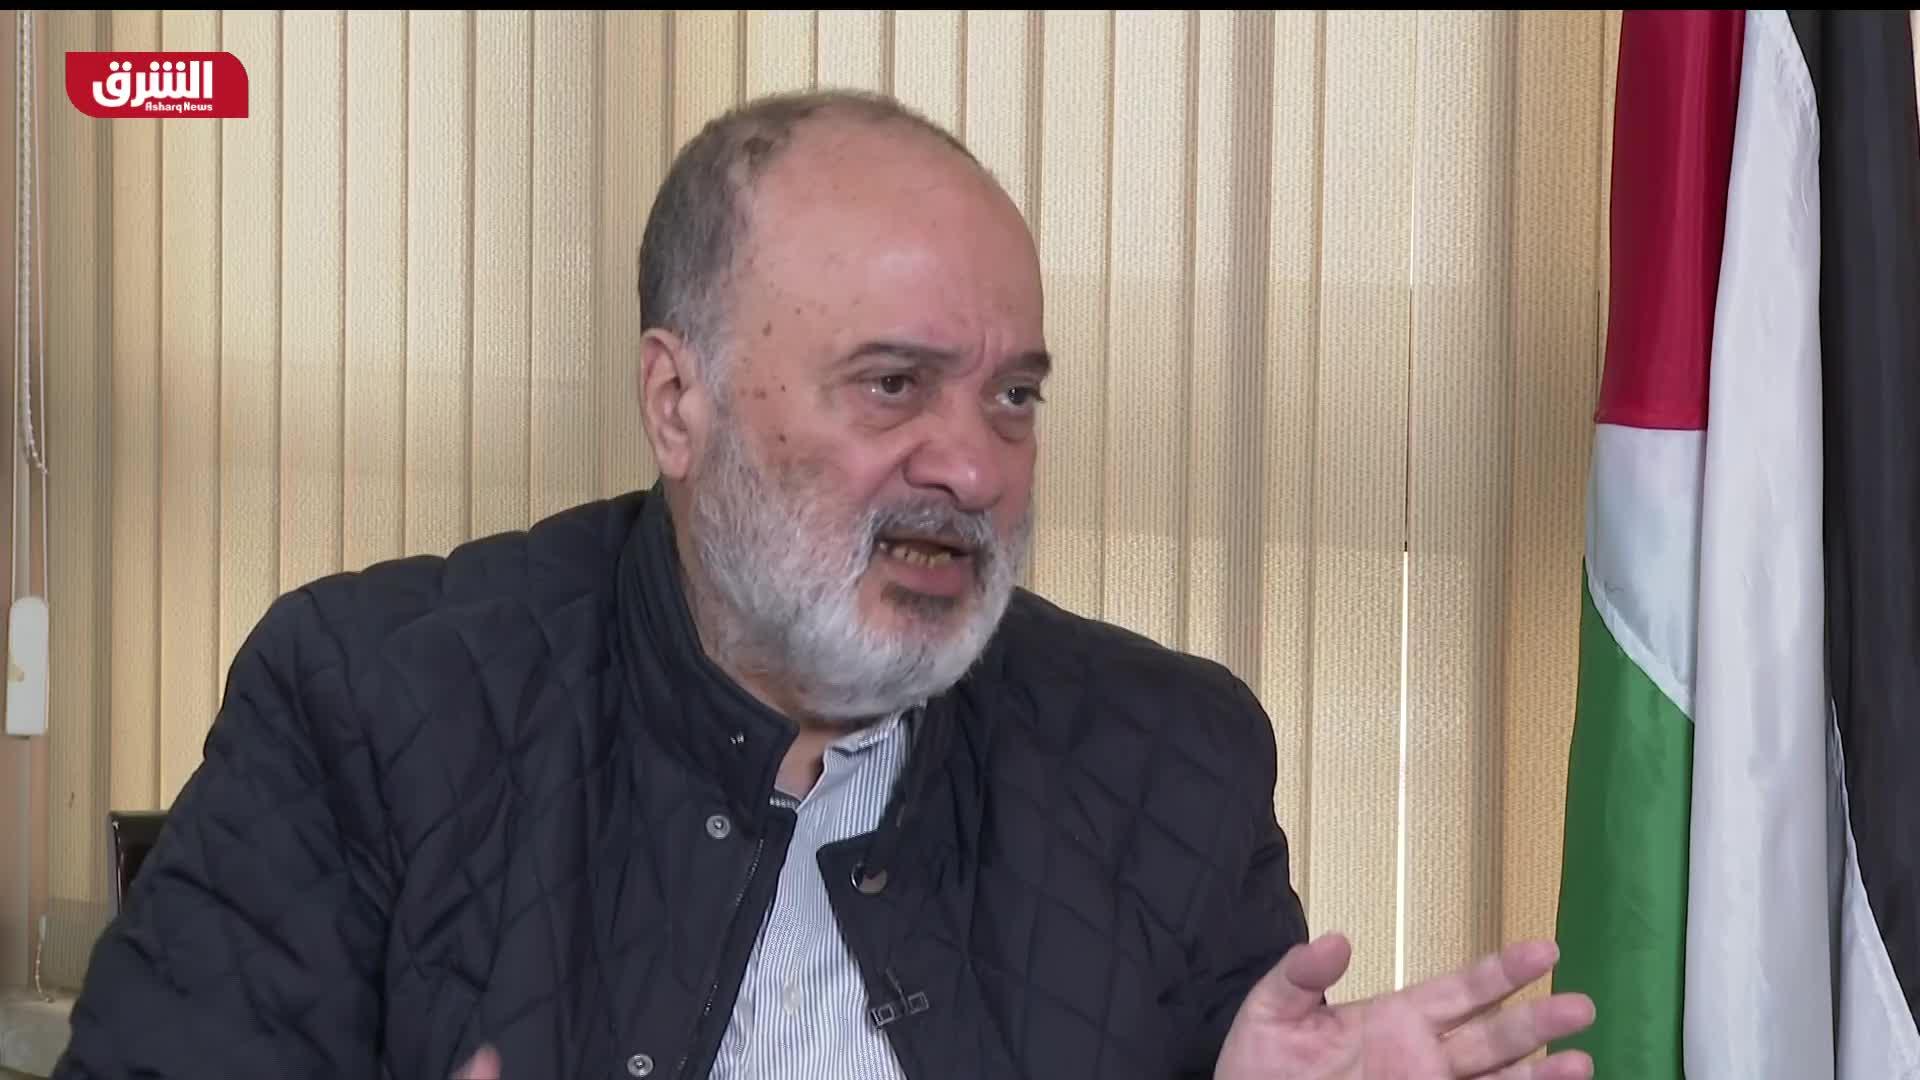 مقابلة خاصة مع ناصر القدوة عضو اللجنة المركزية لحركة فتح